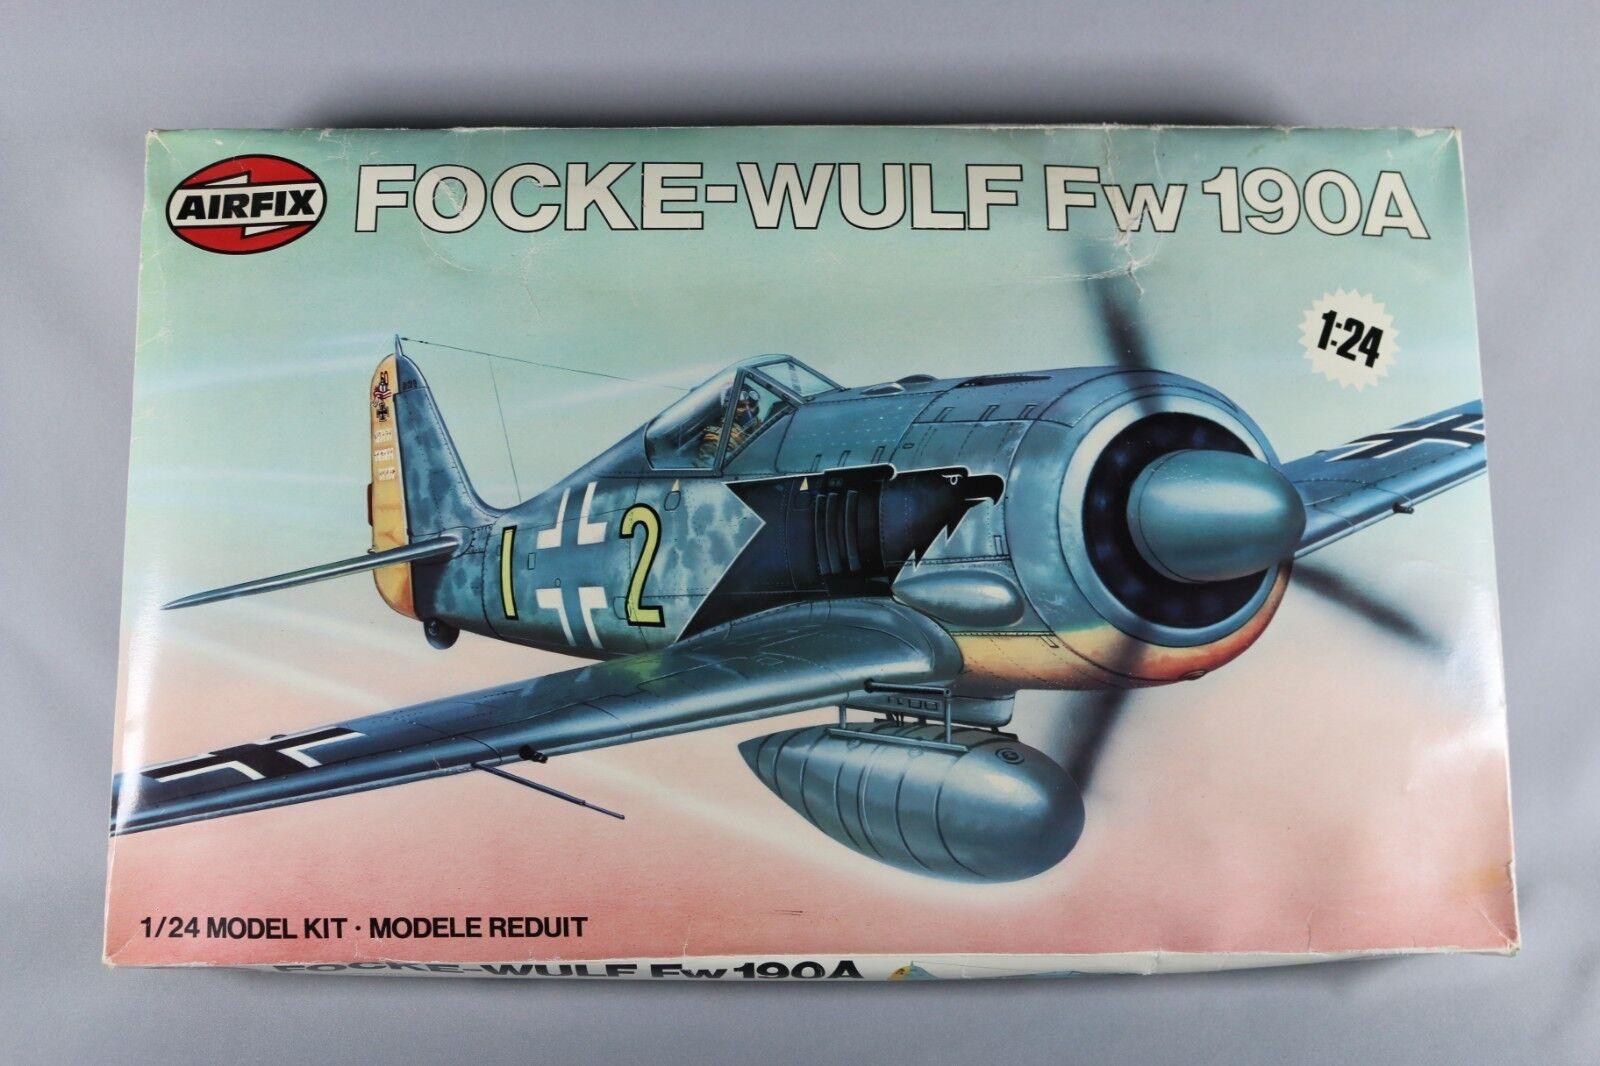 Zf822 Airfix 1 24 Maqueta Avión 16001 Focke-Wulf Fw190a